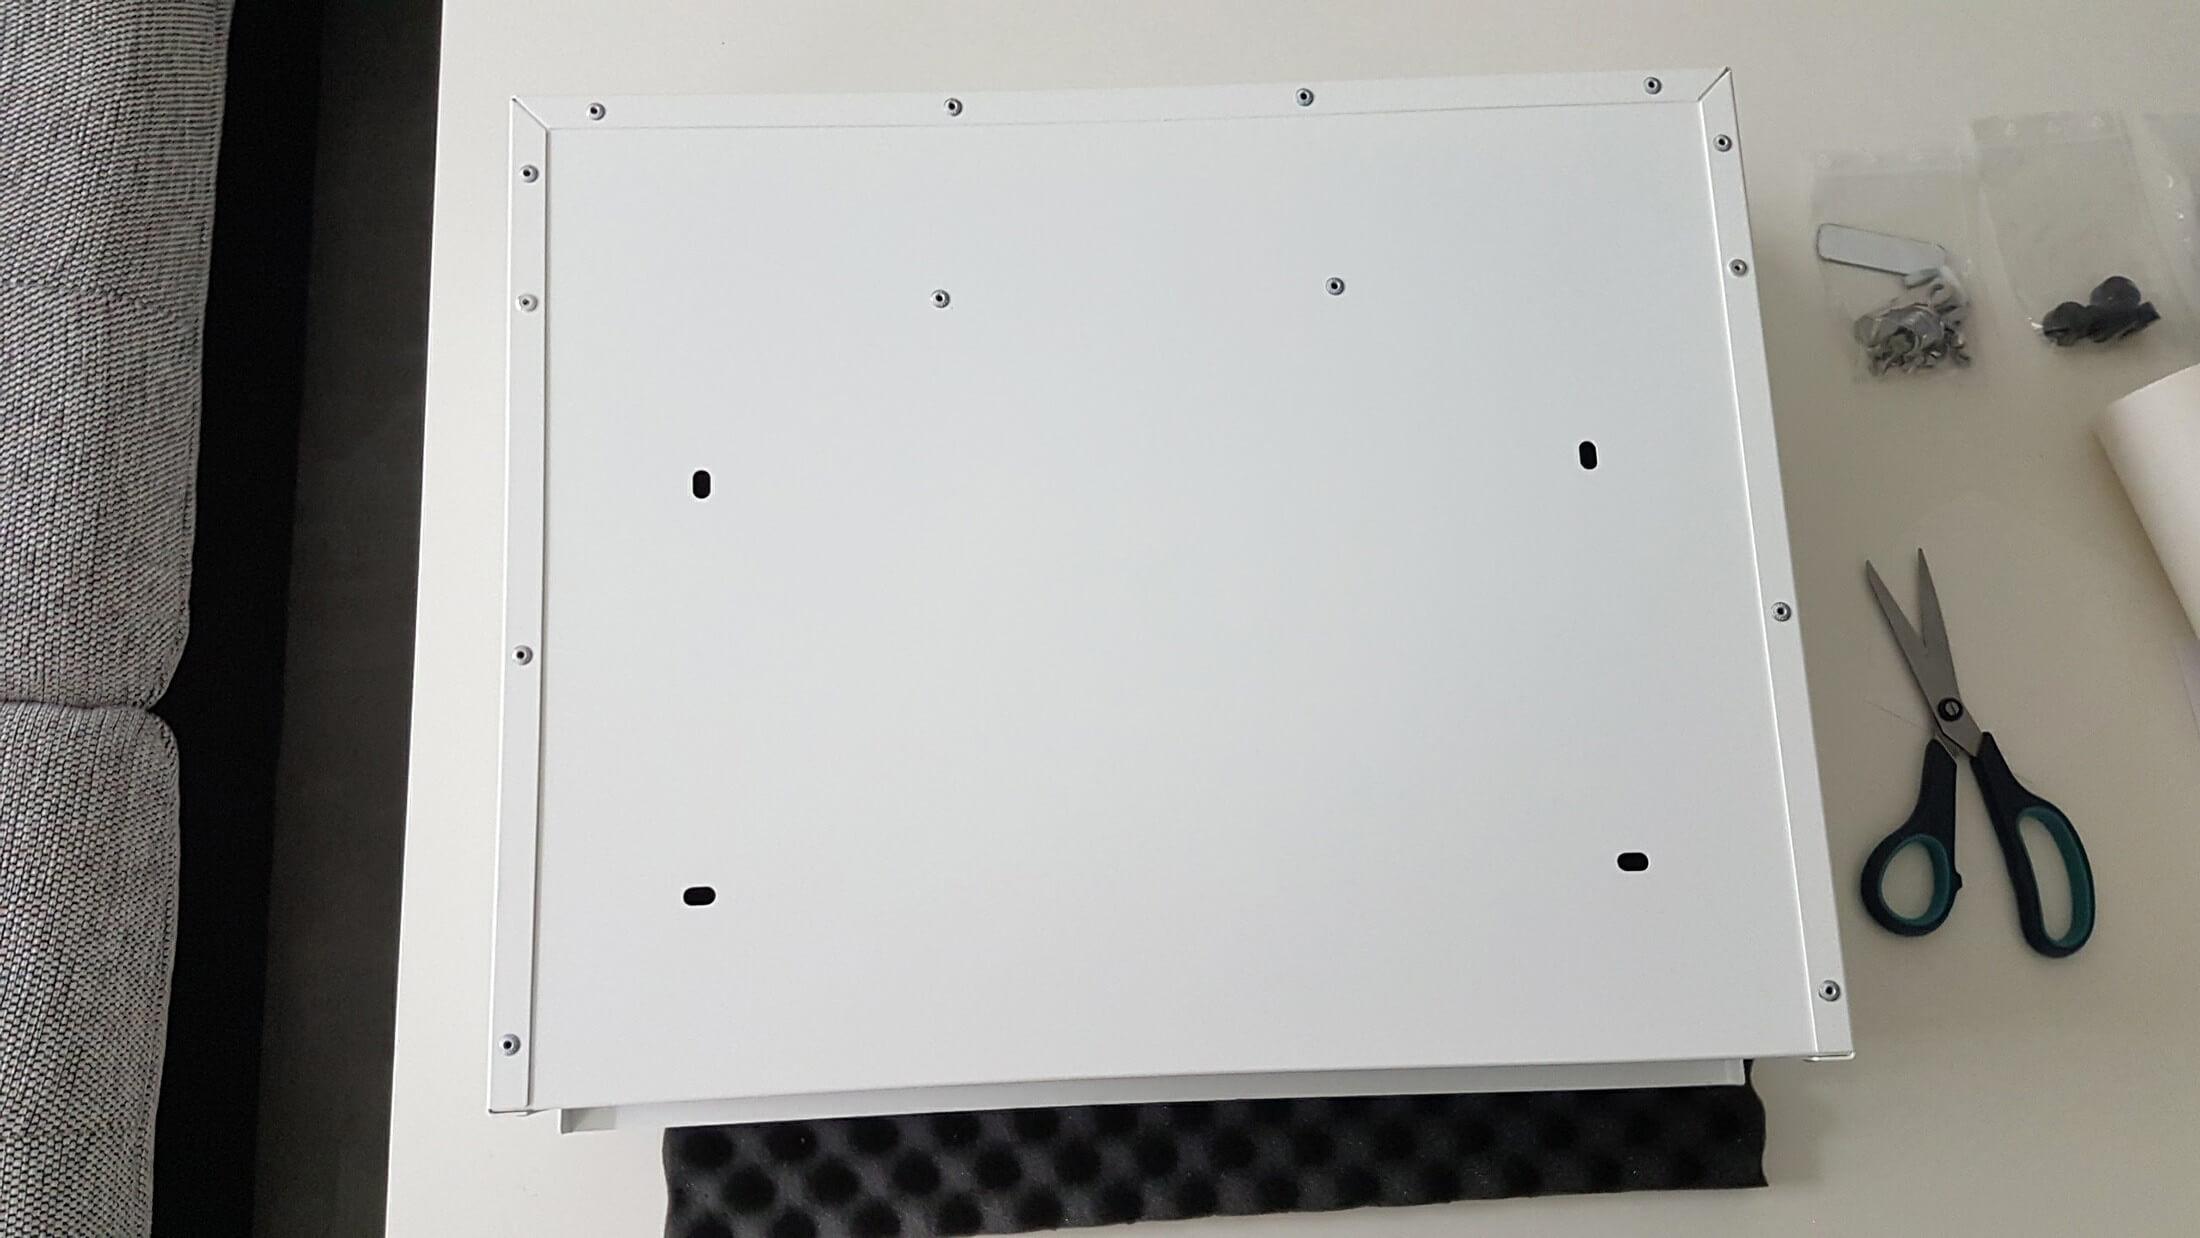 letterman briefkasten xxl von radius im test montage. Black Bedroom Furniture Sets. Home Design Ideas